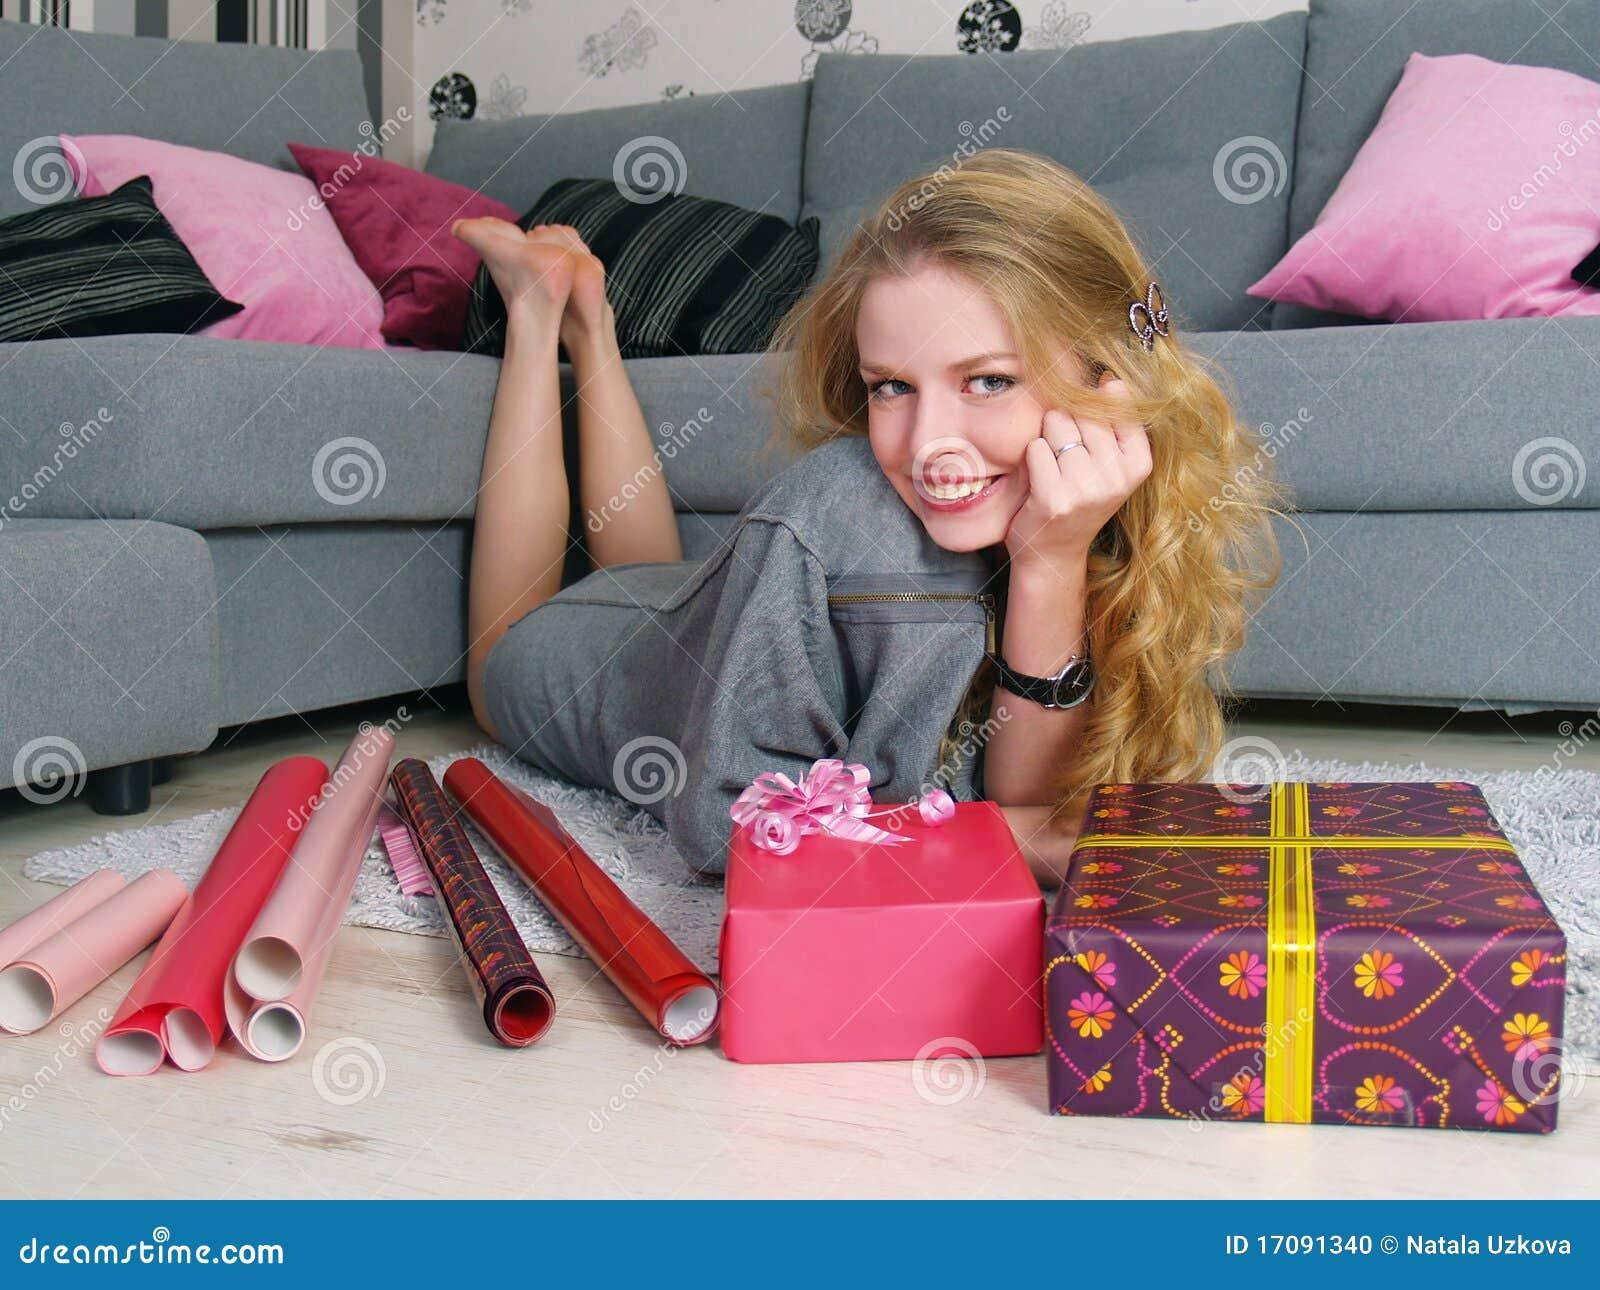 Das schöne Mädchen packt Geschenke für einen Feiertag